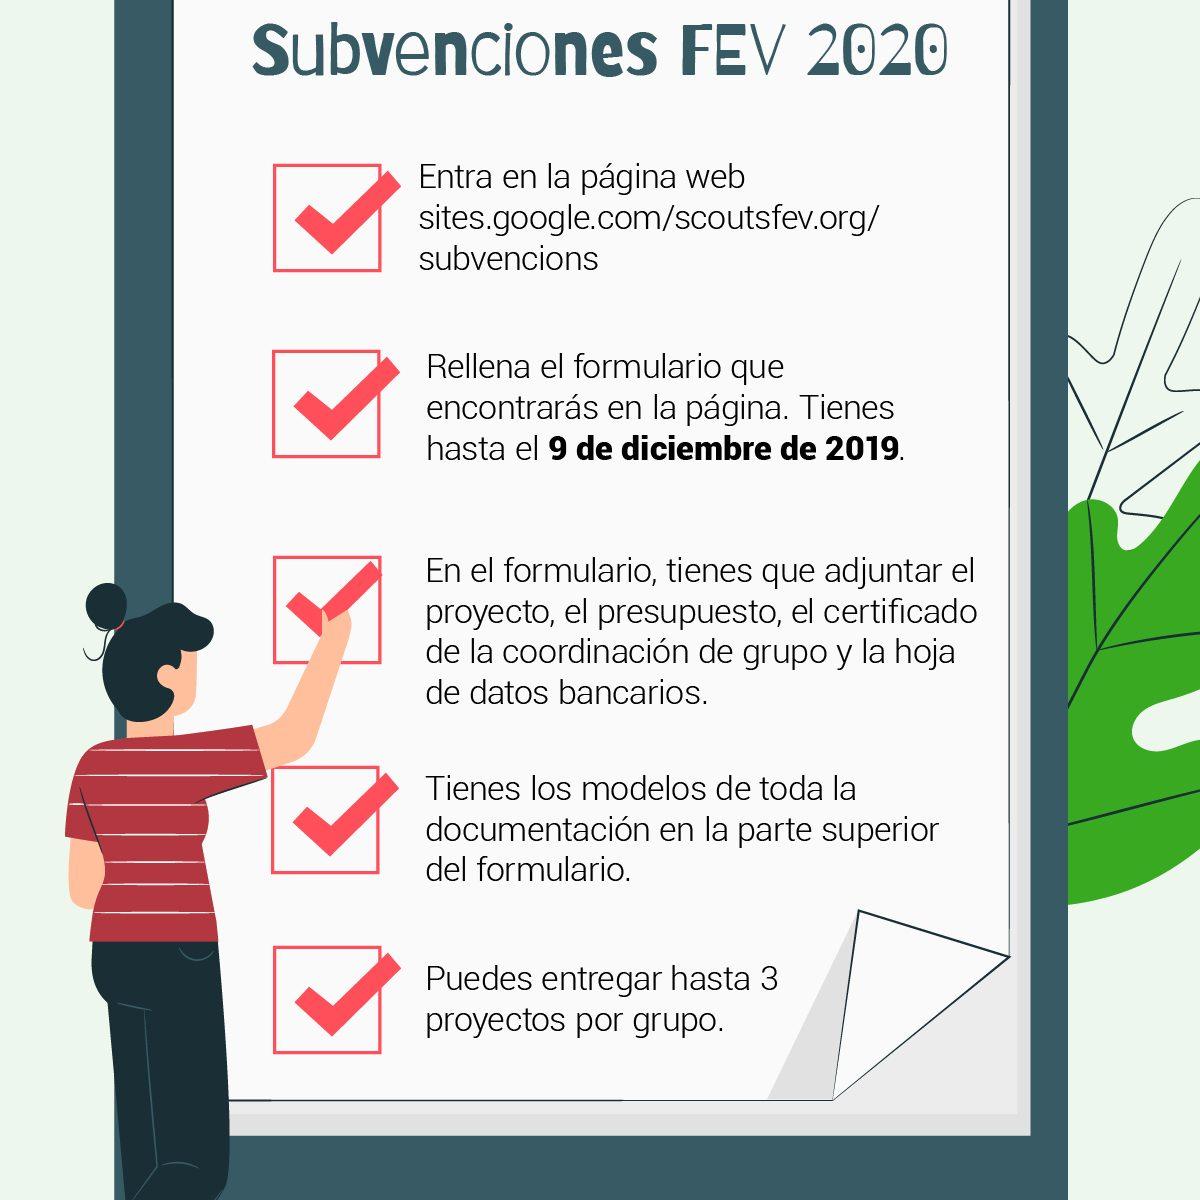 Subvención FEV 2020